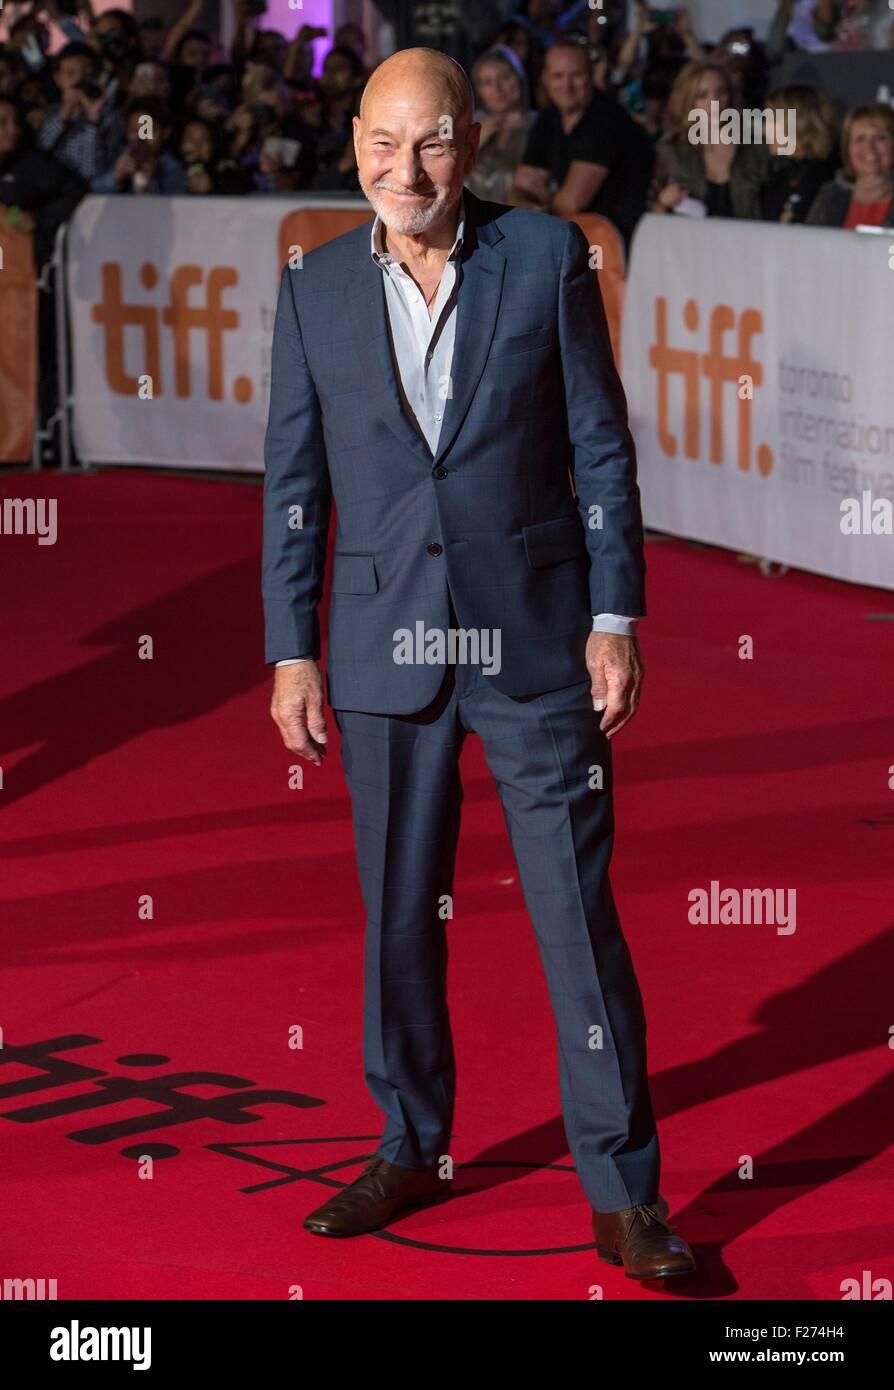 Schauspieler Patrick Stewart besucht die Weltpremiere für The Martian auf dem Toronto International Film Festival Stockbild